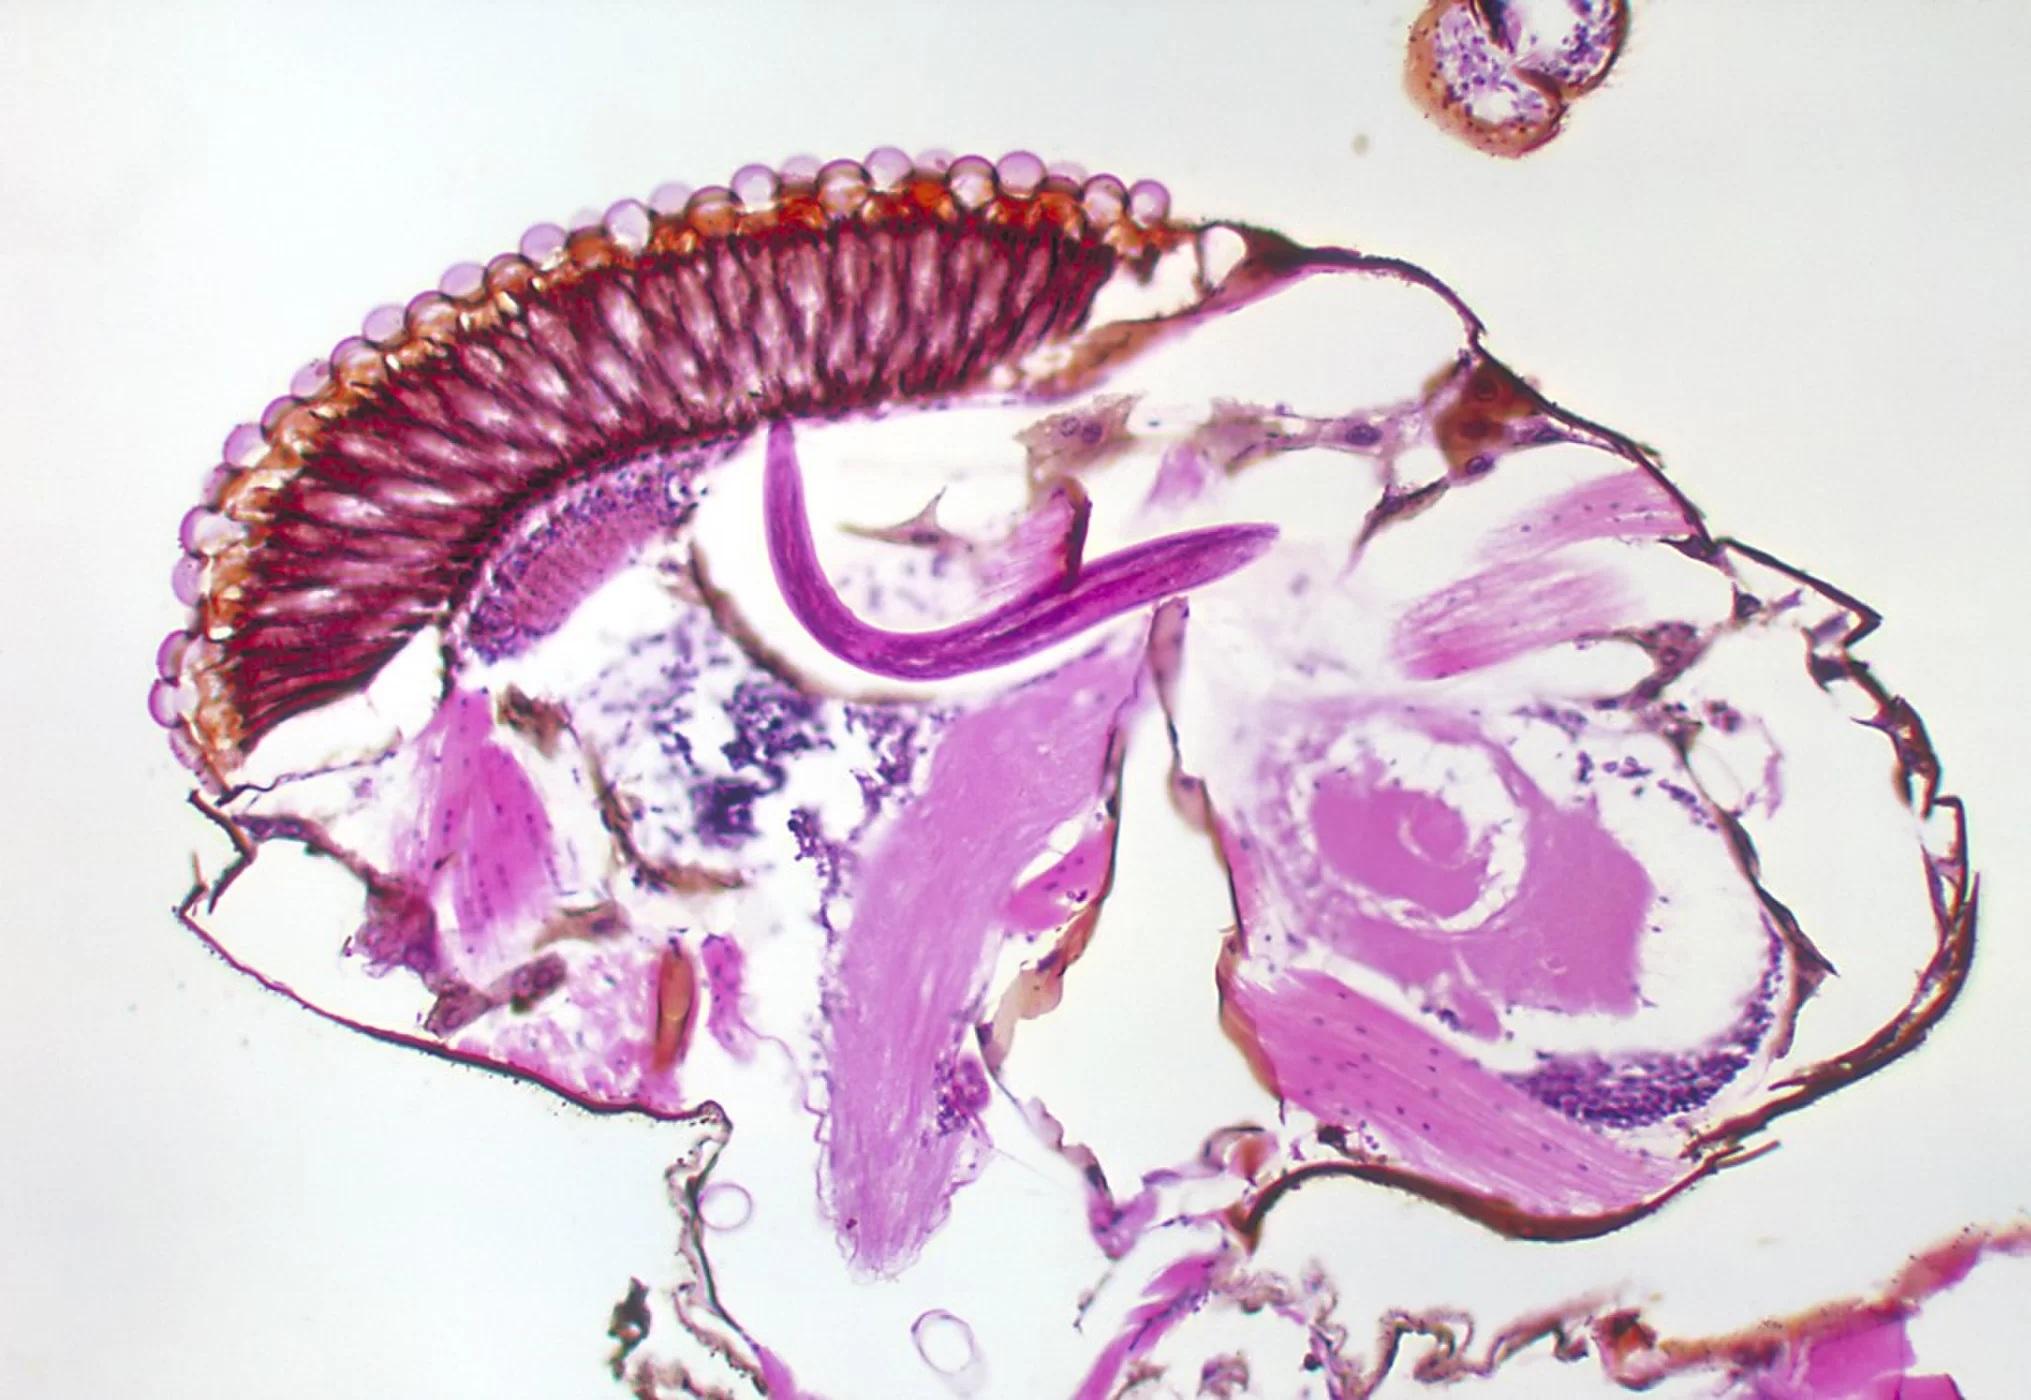 Ngeri, begini bentuk Parasit jika dilihat di bawah mikroskop